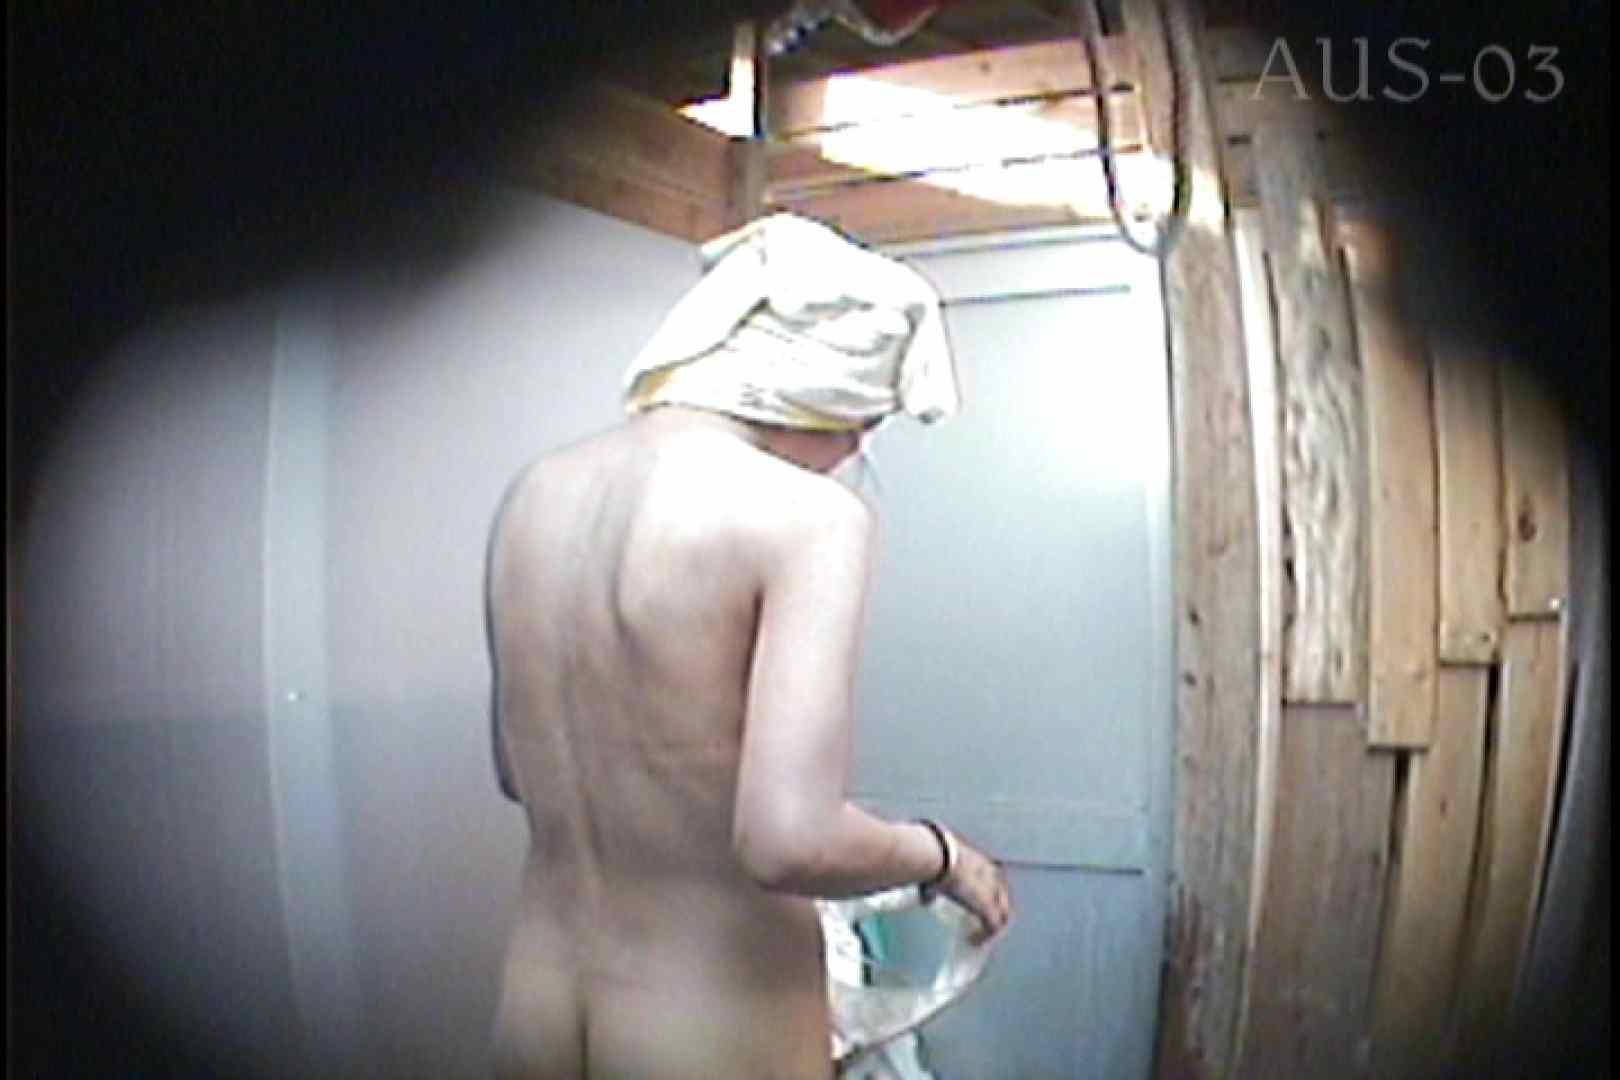 海の家の更衣室 Vol.10 シャワー  21連発 18